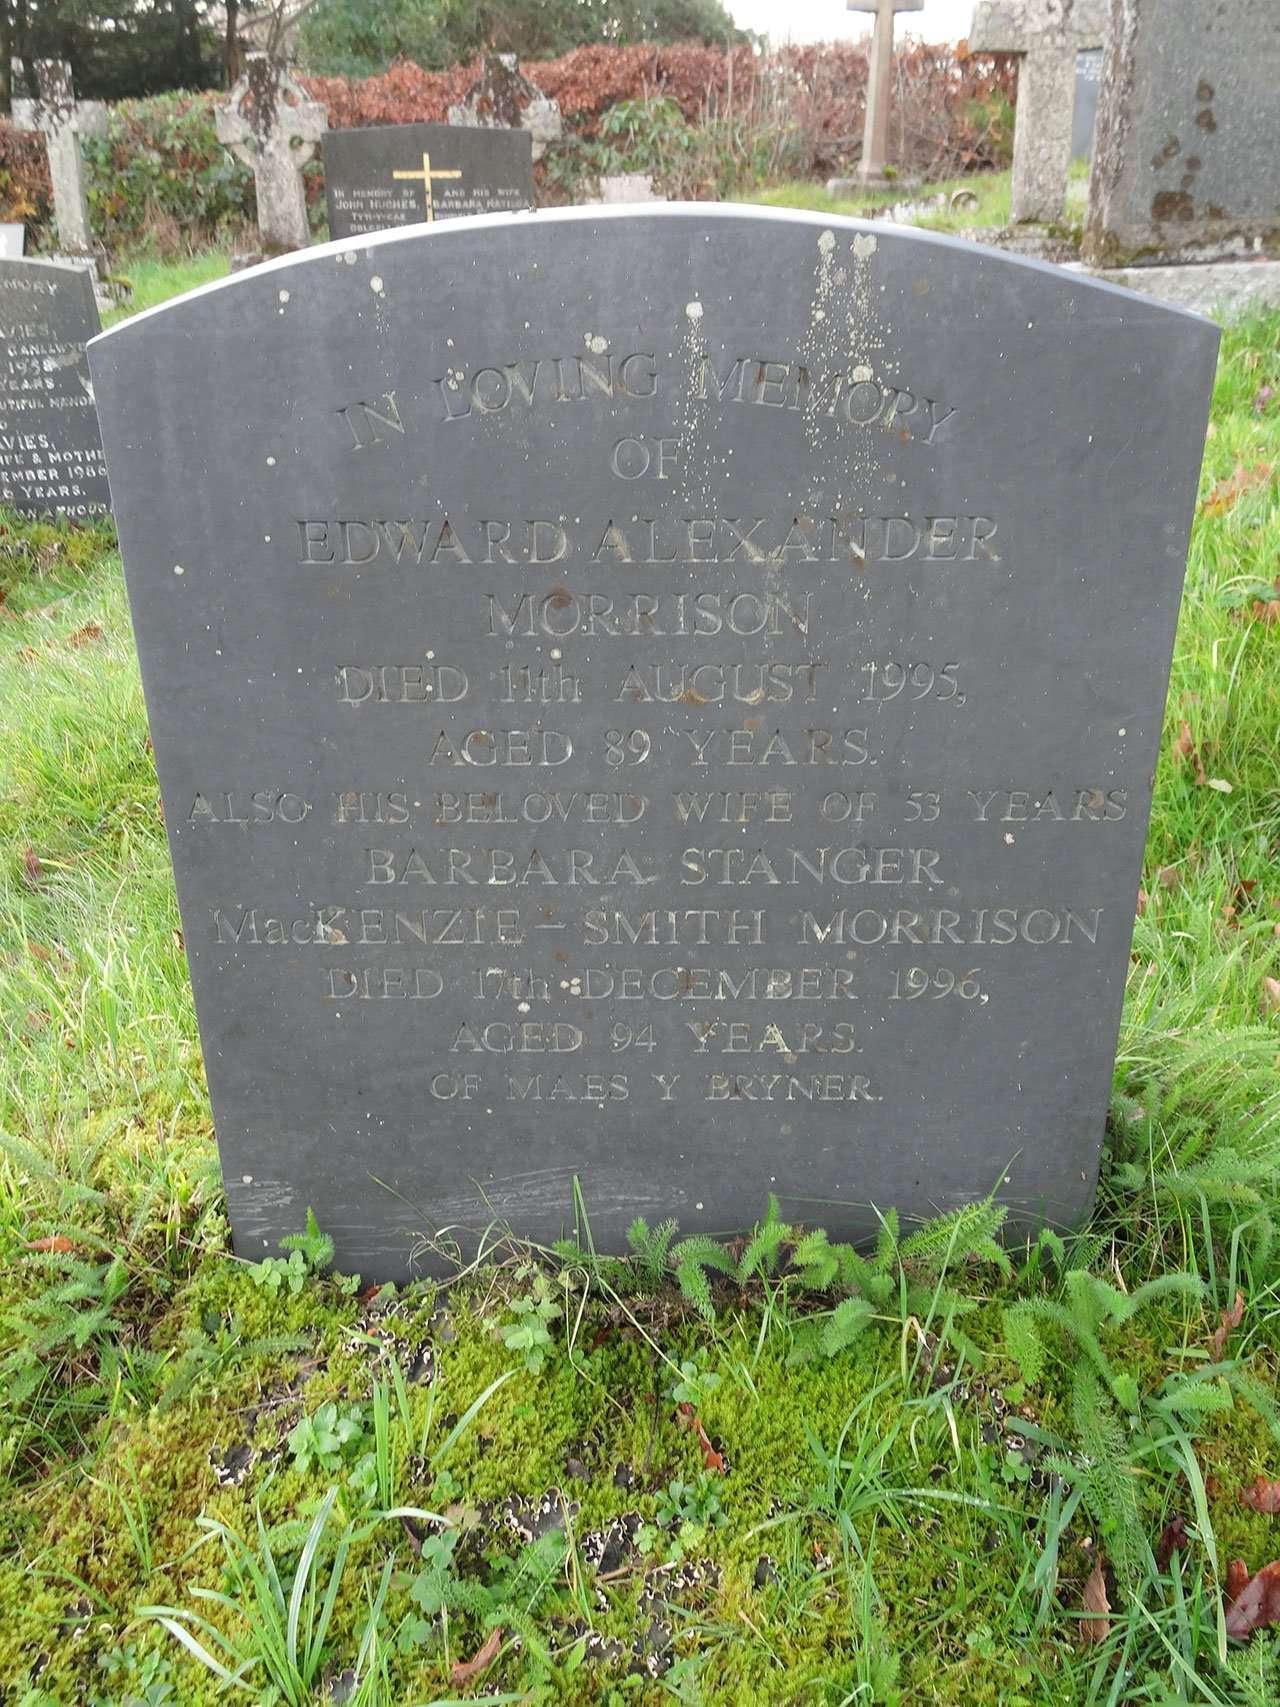 Morrison's Grave at Llanelltyd